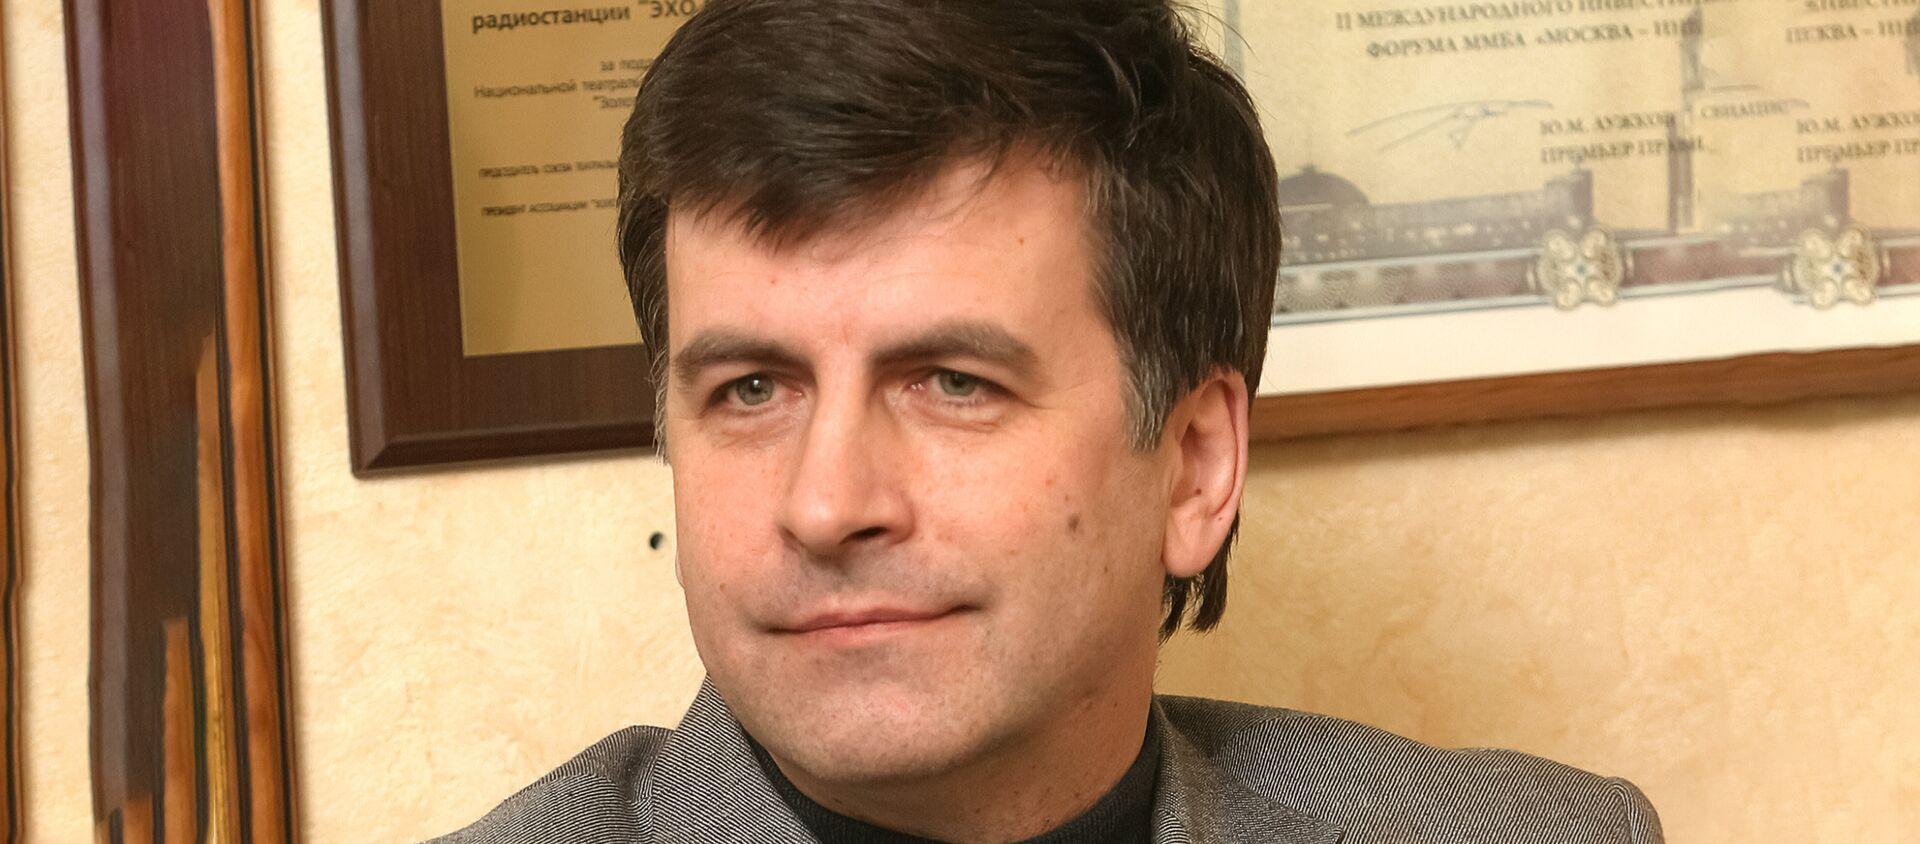 Эксперт по вопросам биологической безопасности и экологии Николай Дурманов - Sputnik Латвия, 1920, 30.03.2021